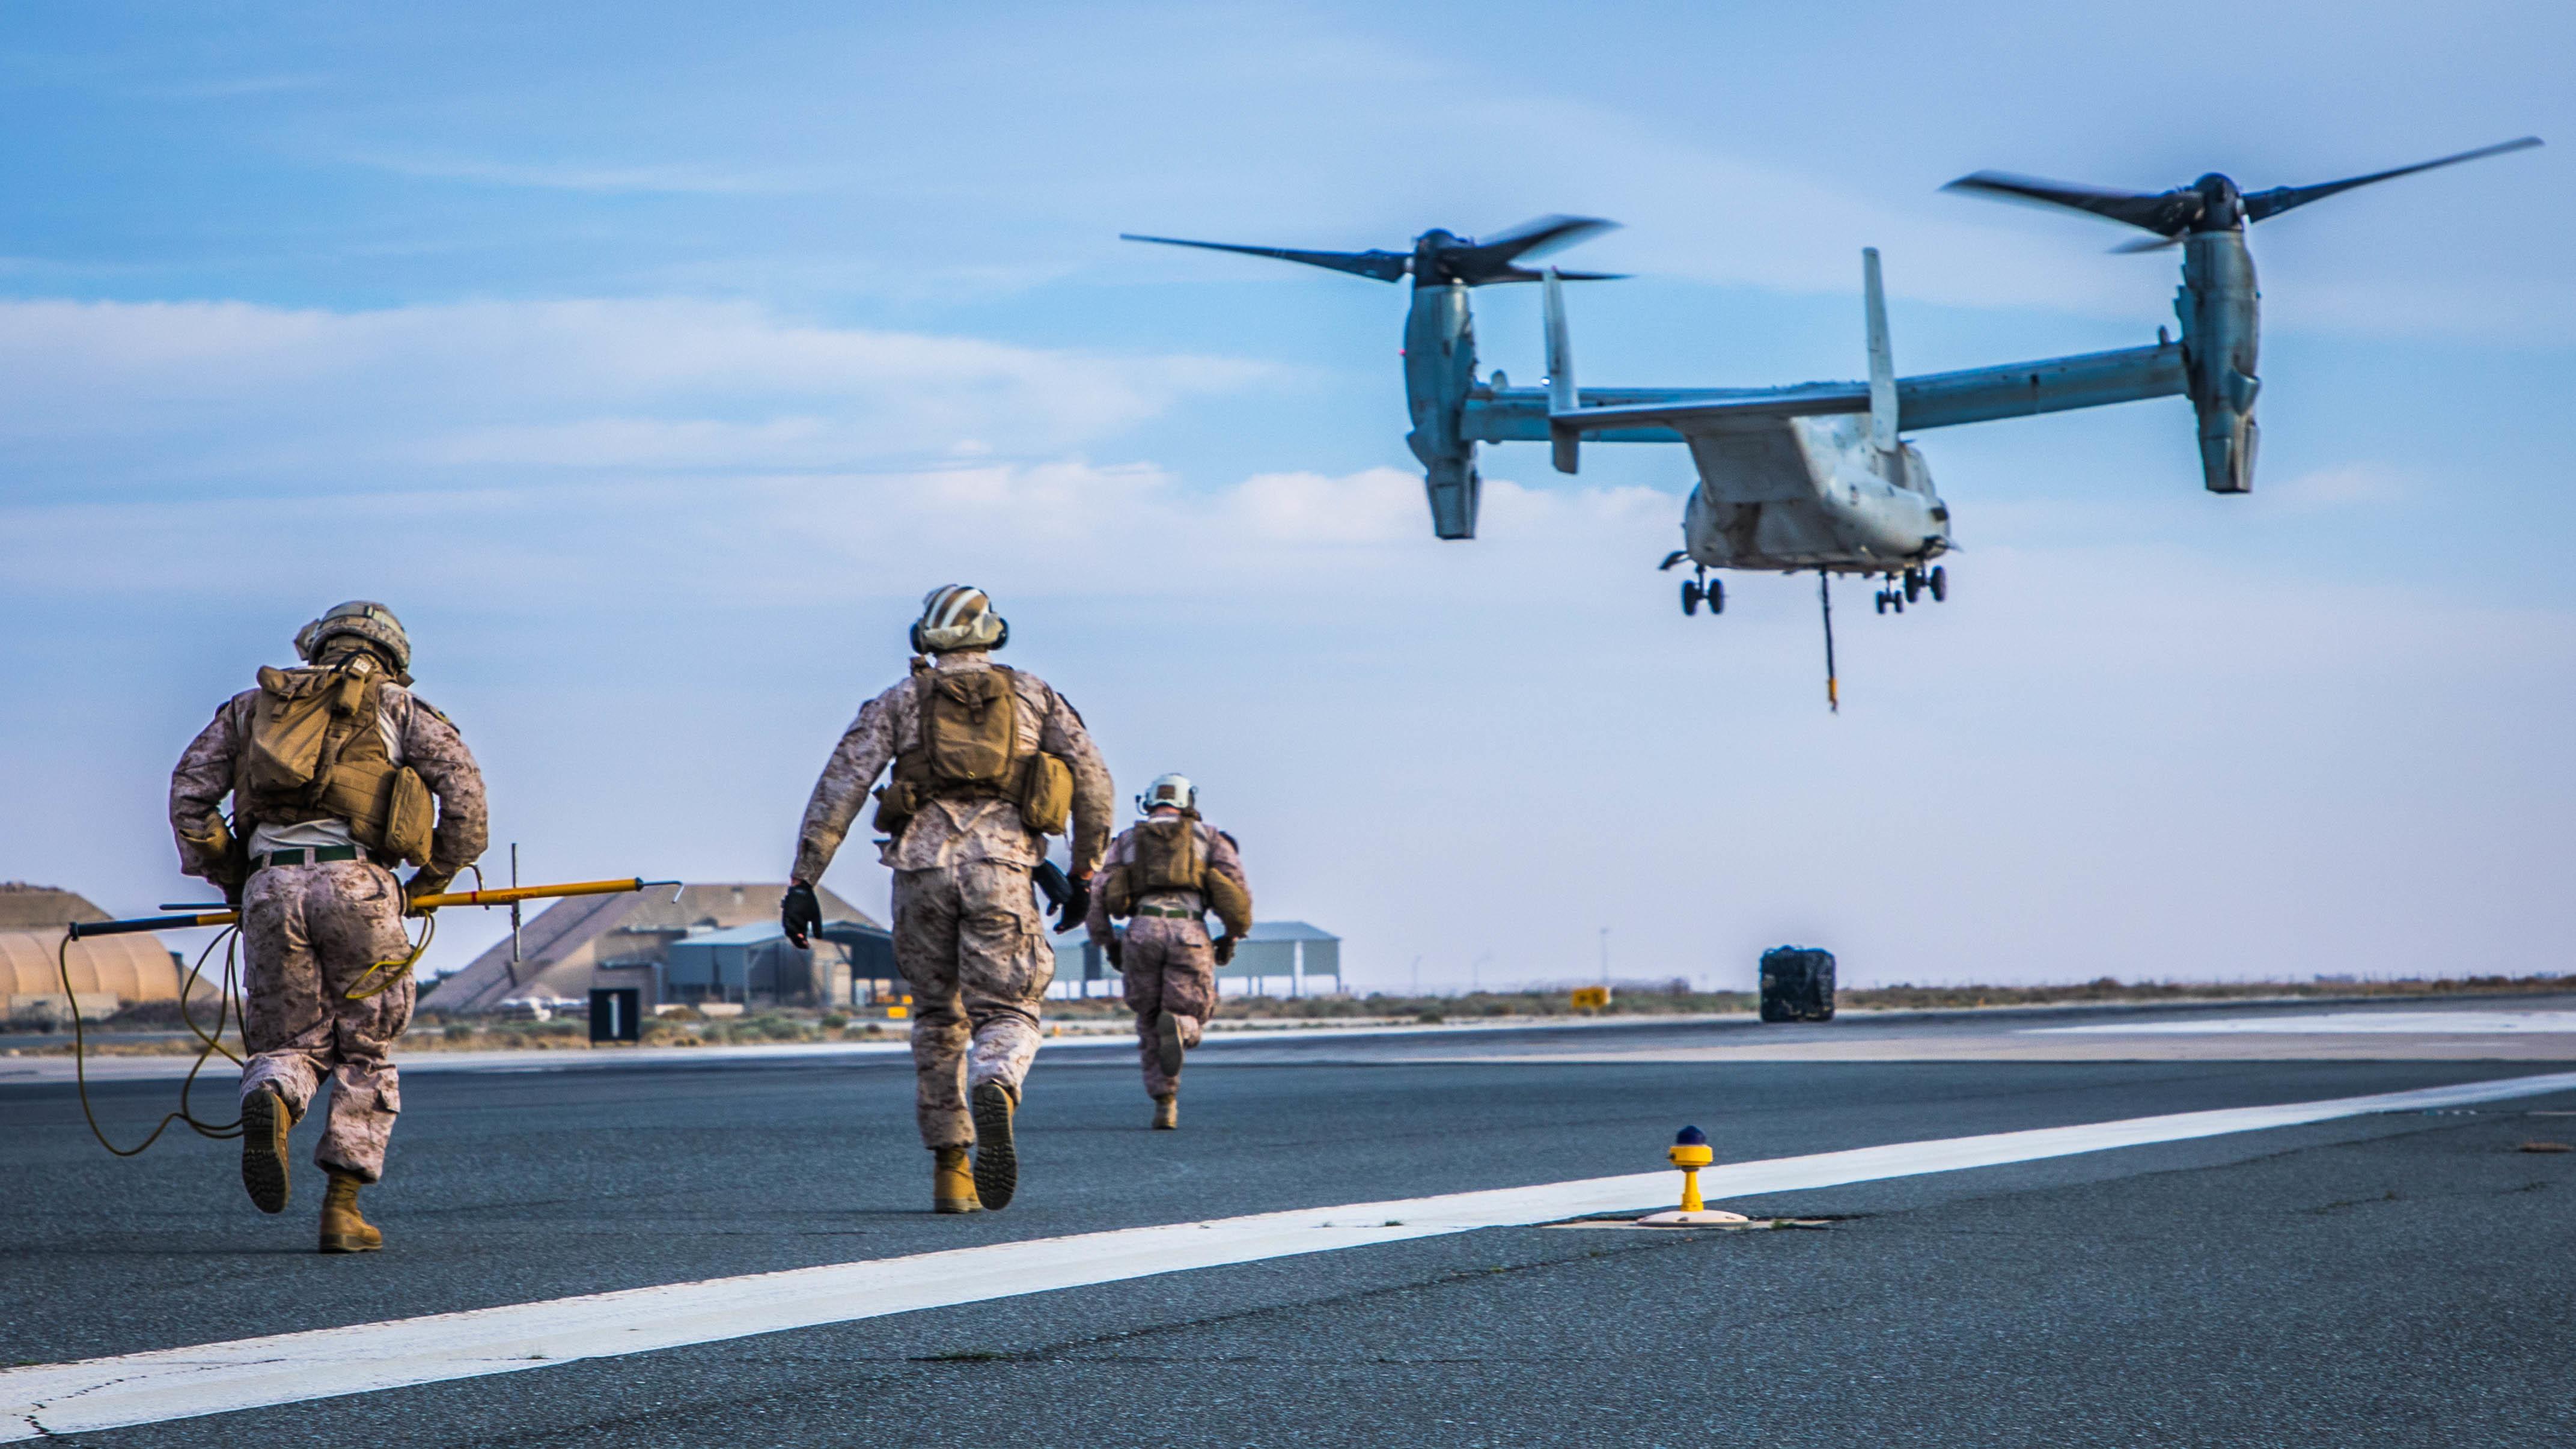 Helicopter Support Team Inbound